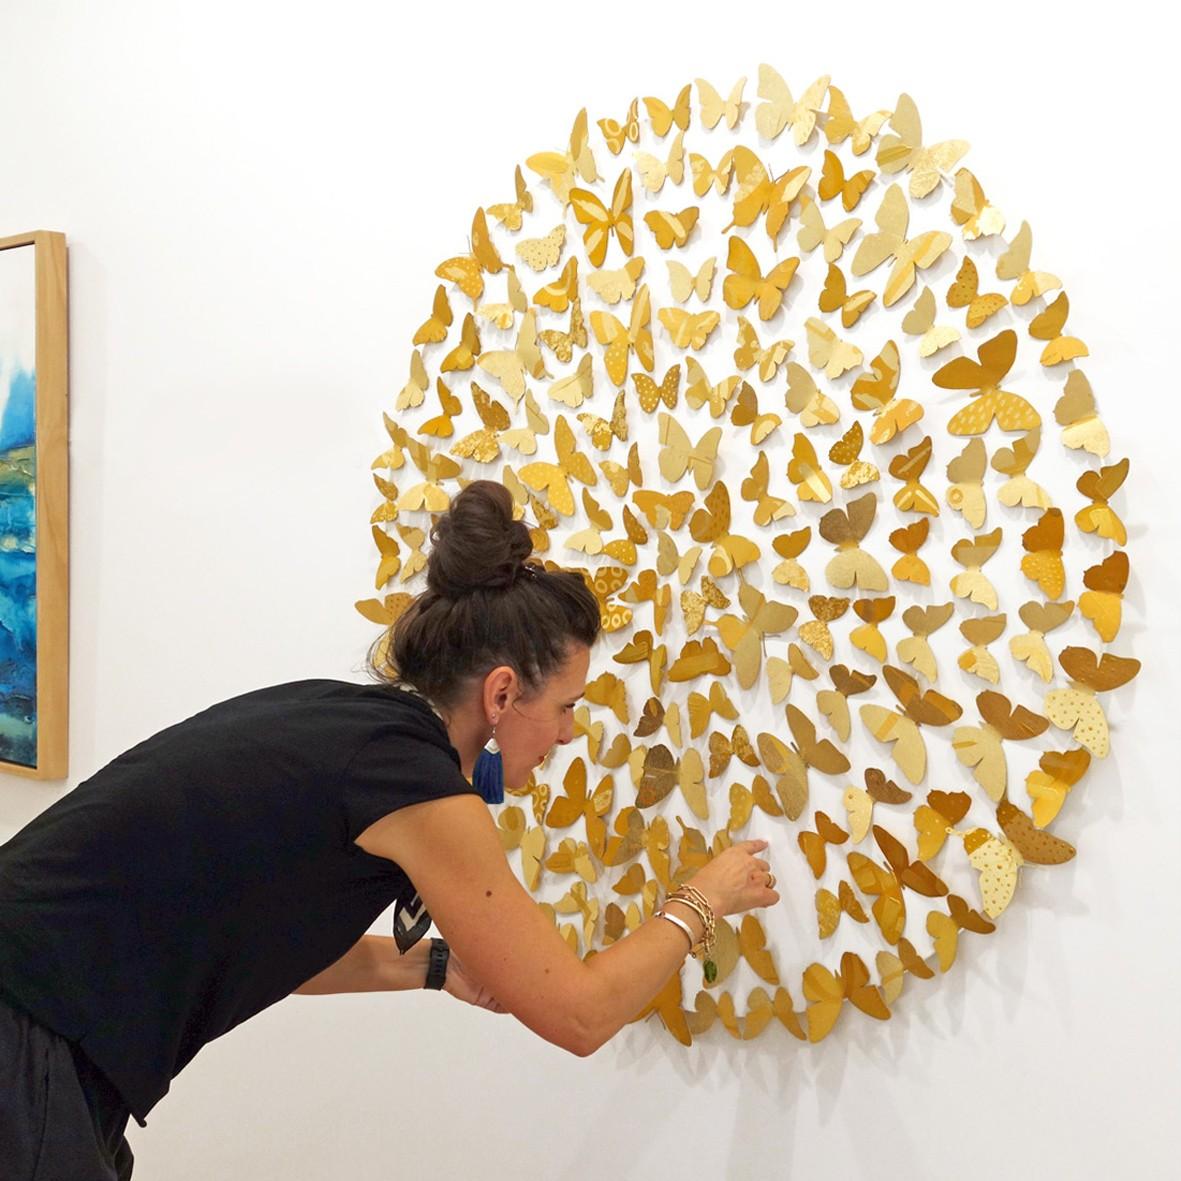 Artist Anna Stichbury